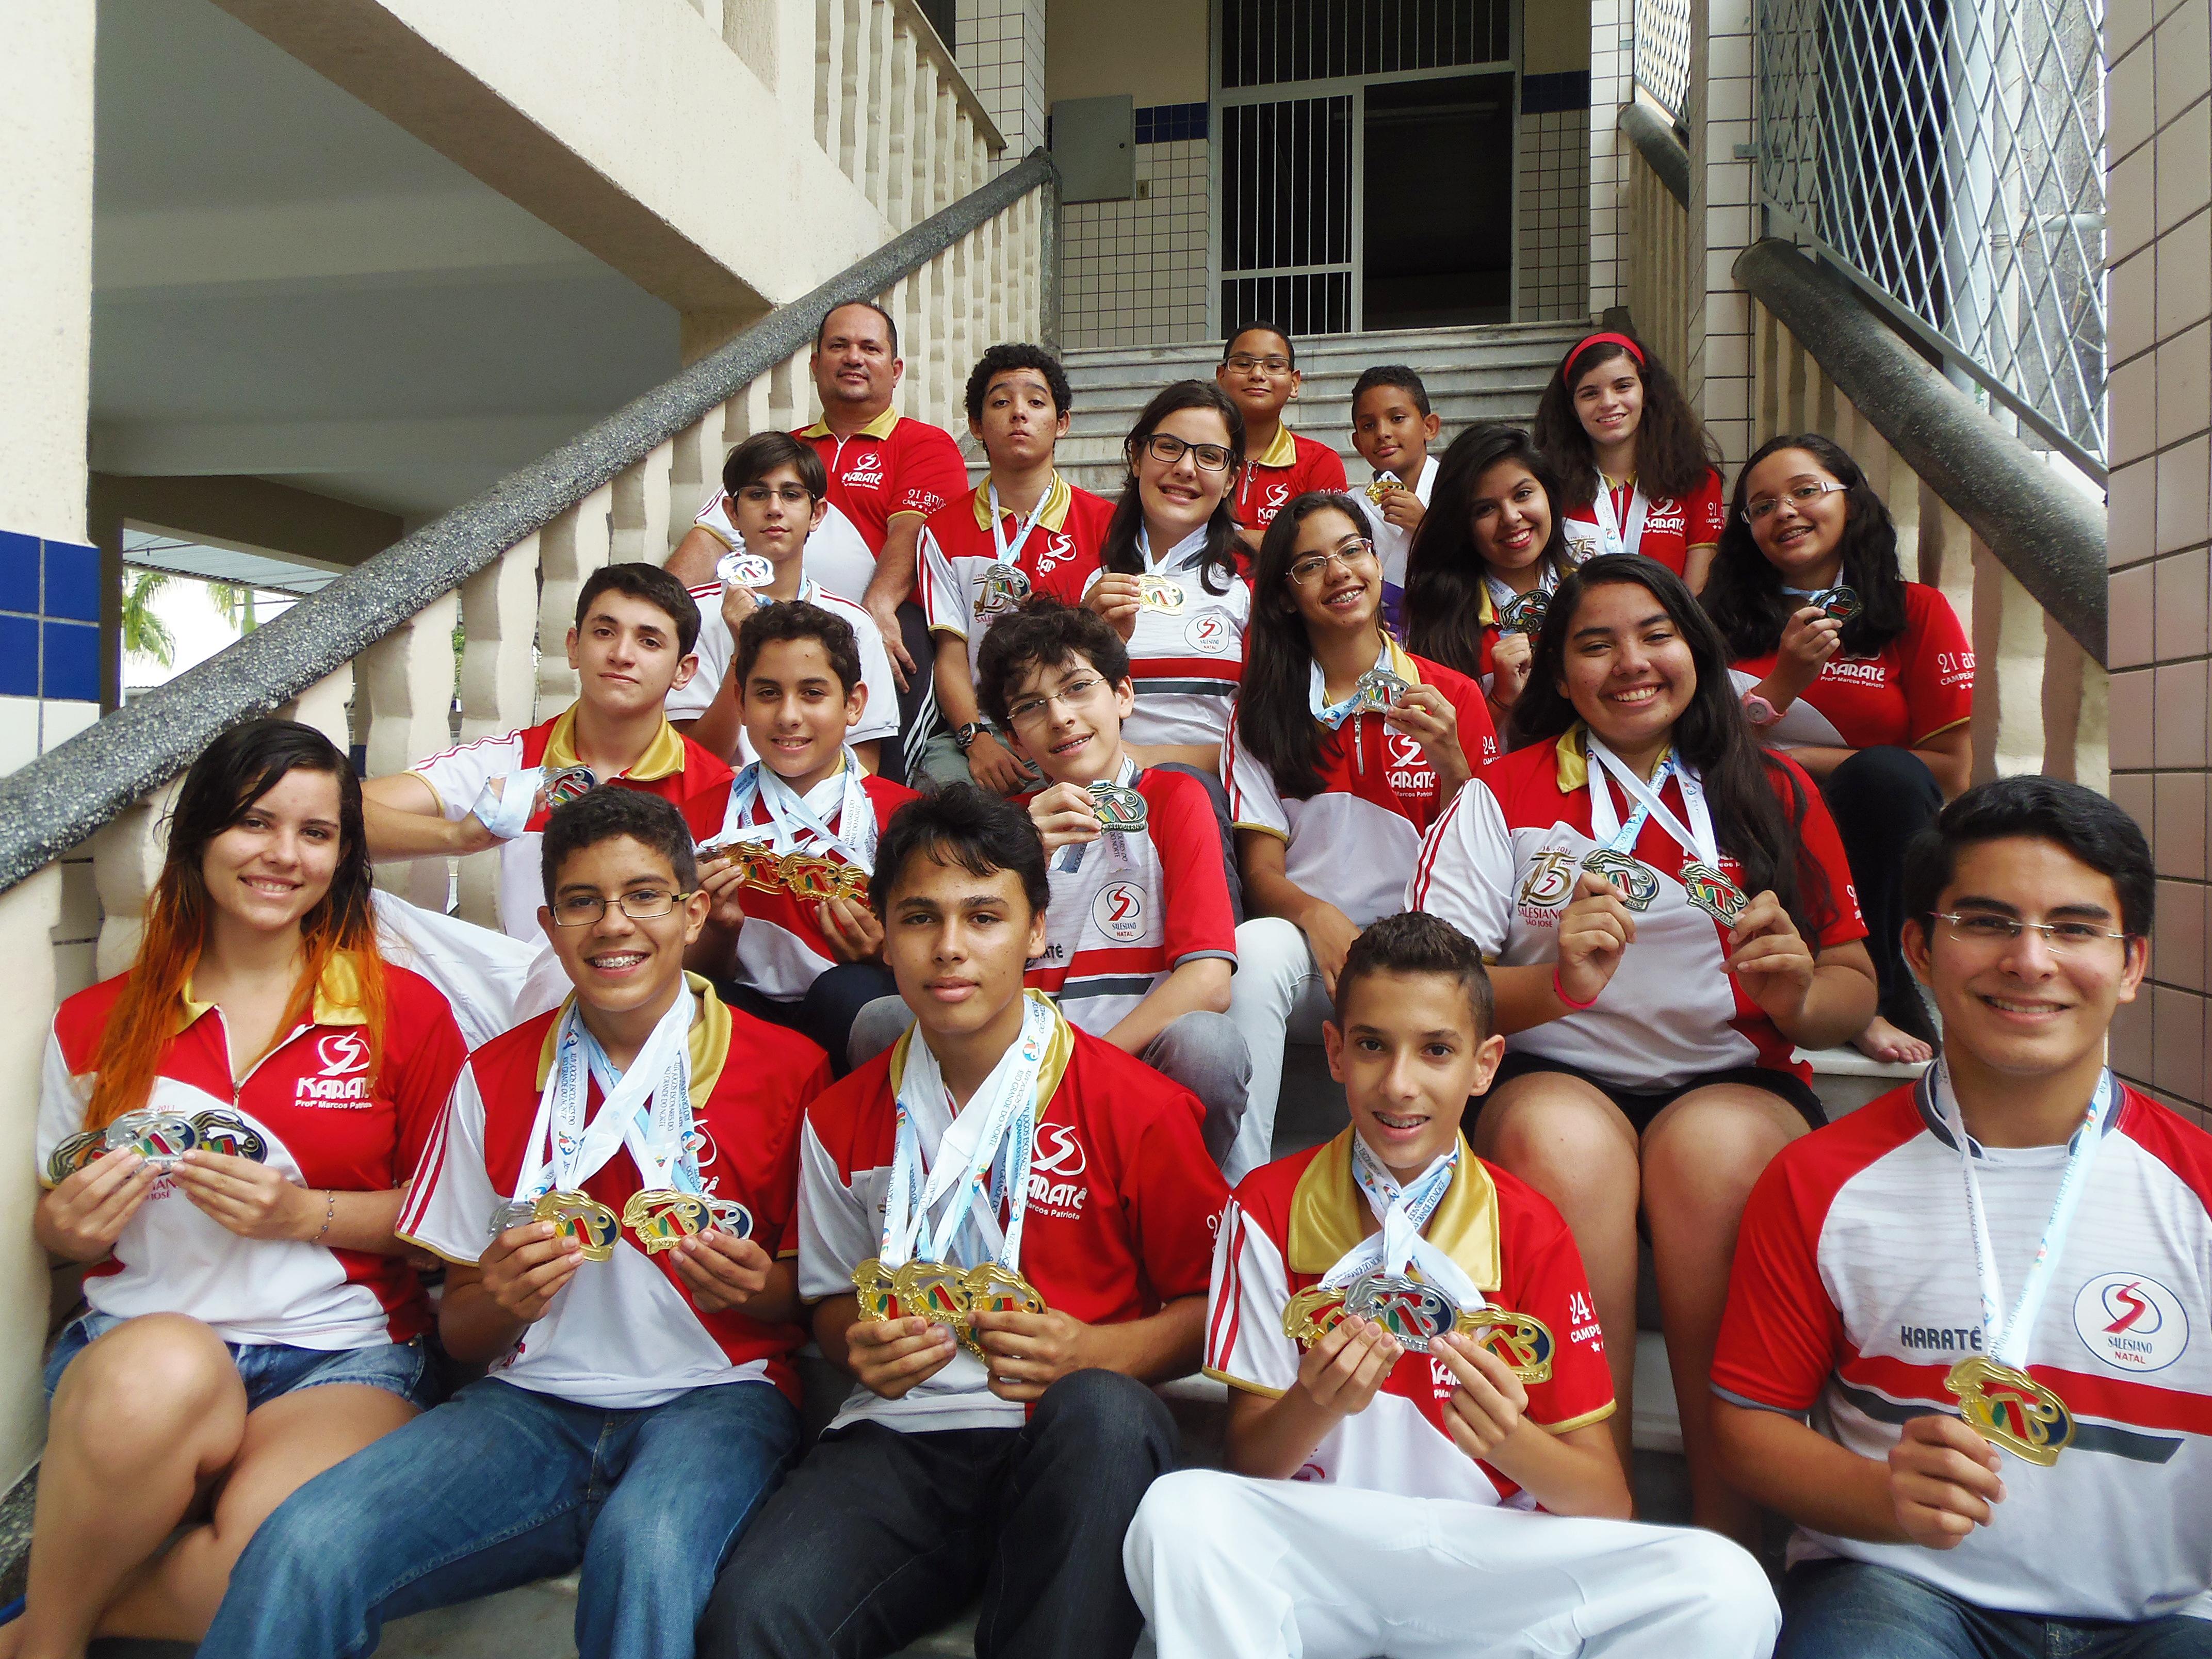 Atletas-Salesiano-karatê-(1